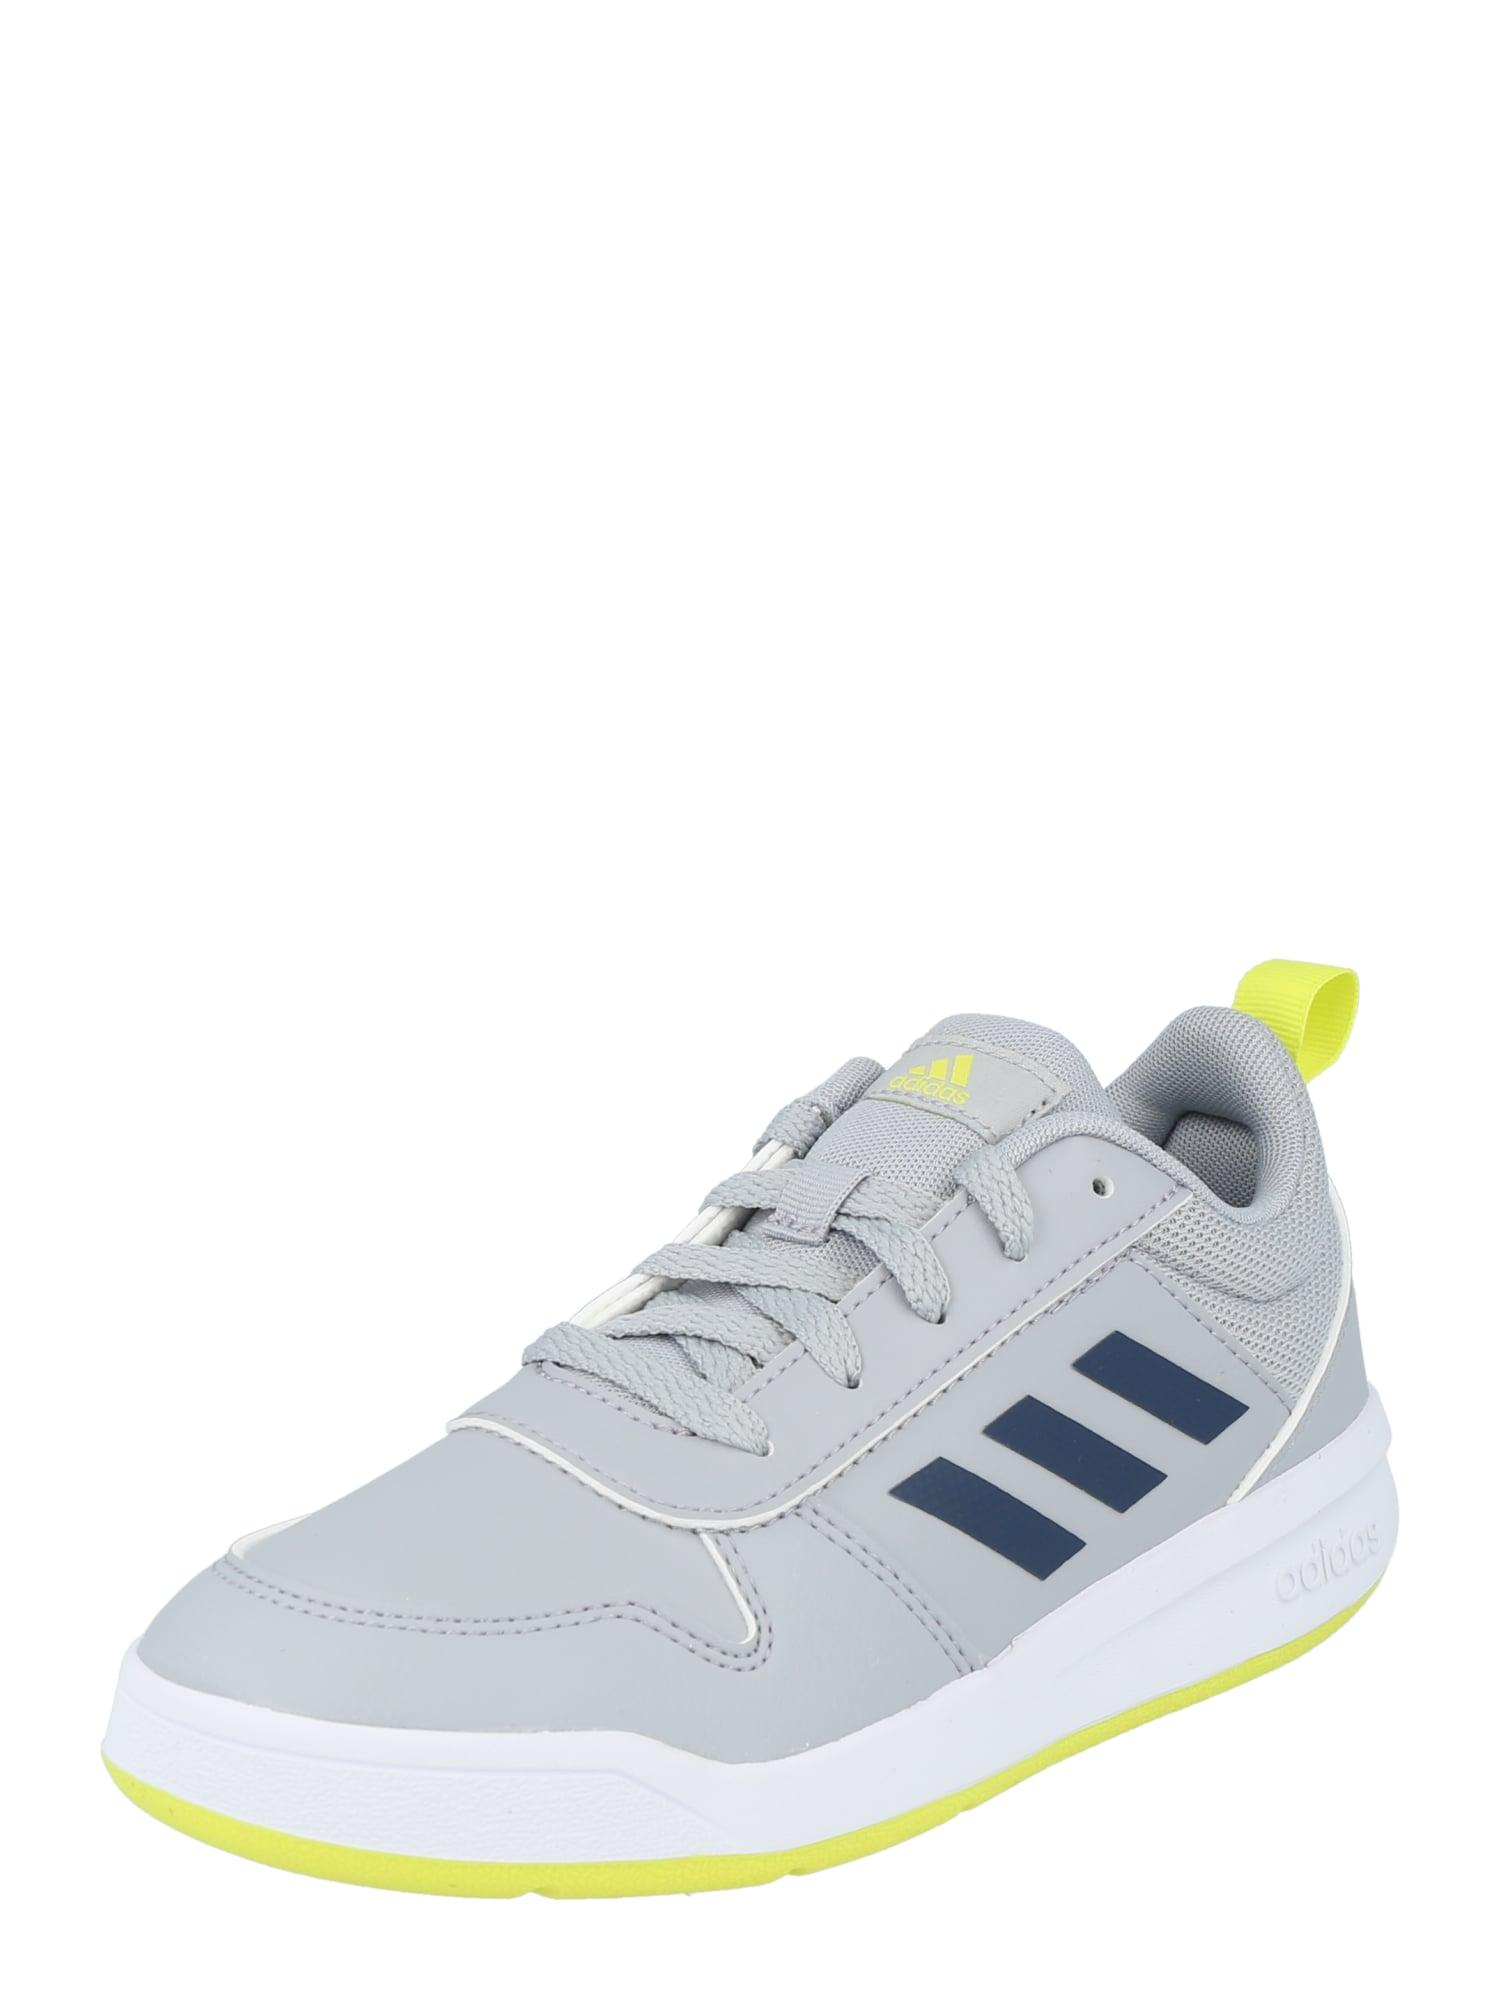 ADIDAS PERFORMANCE Sportiniai batai 'TENSAUR K' šviesiai pilka